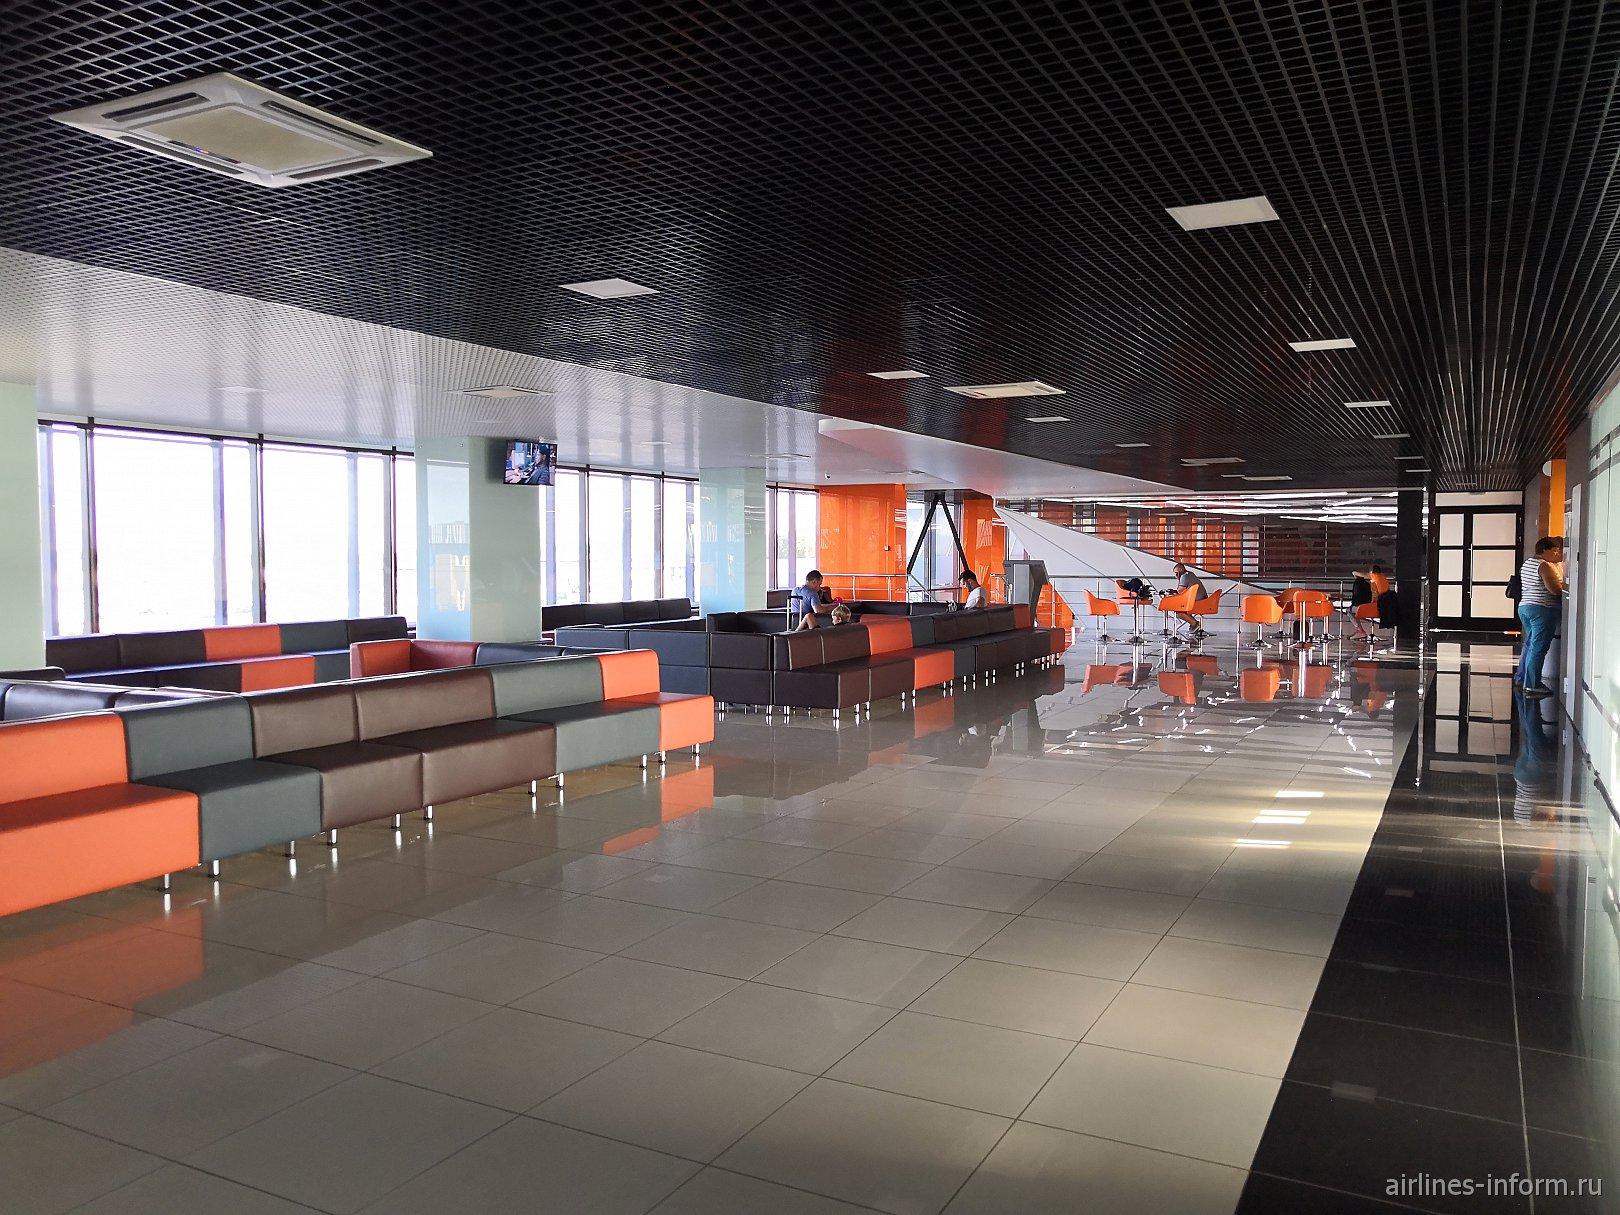 Зона ожидания в пассажирском терминале аэропорта Магнитогорск